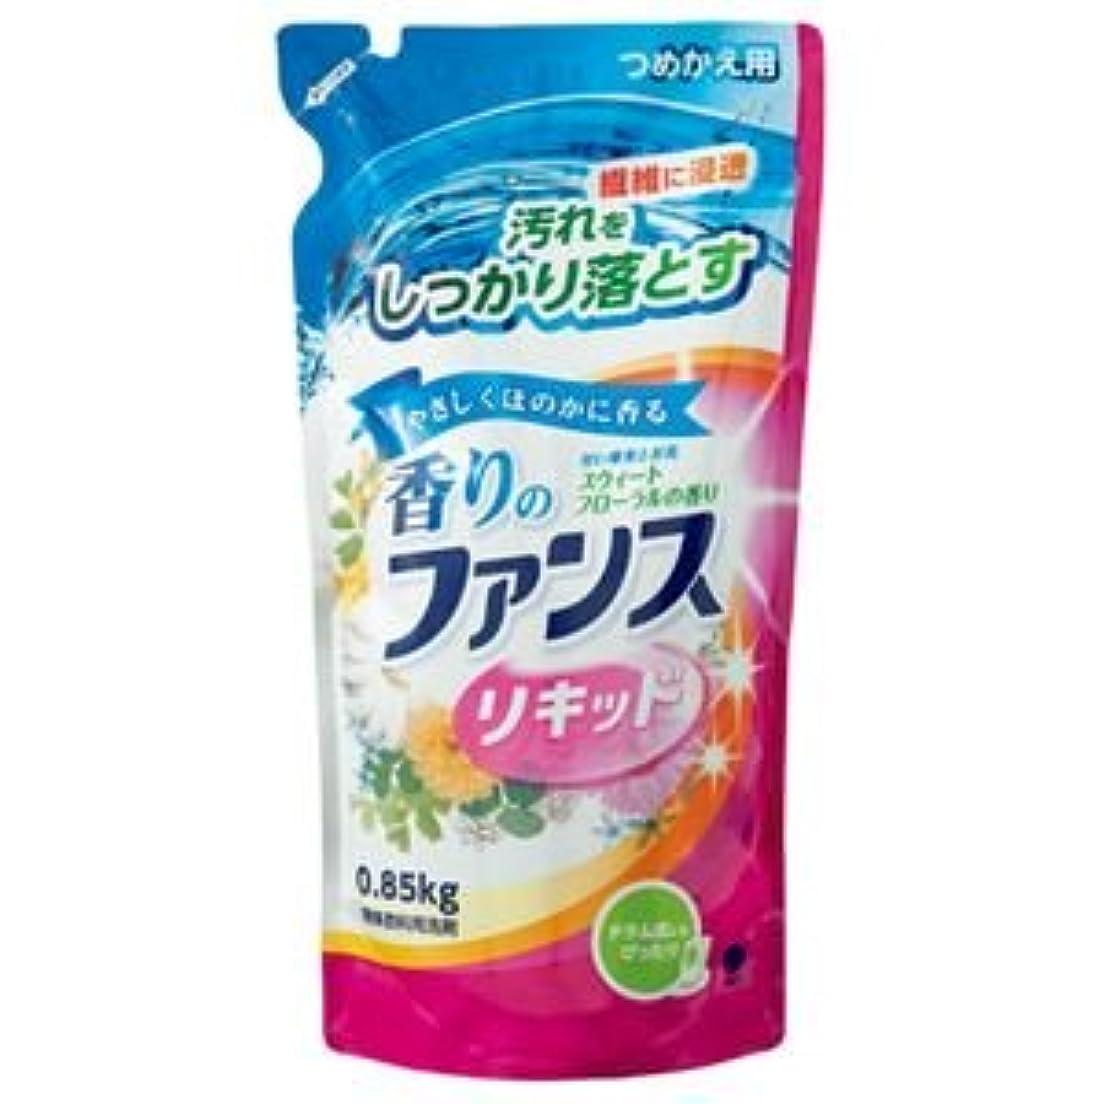 ブレース蓮巧みな(まとめ) 第一石鹸 香りのファンス 液体衣料用洗剤リキッド 詰替用 0.85kg 1個 【×15セット】